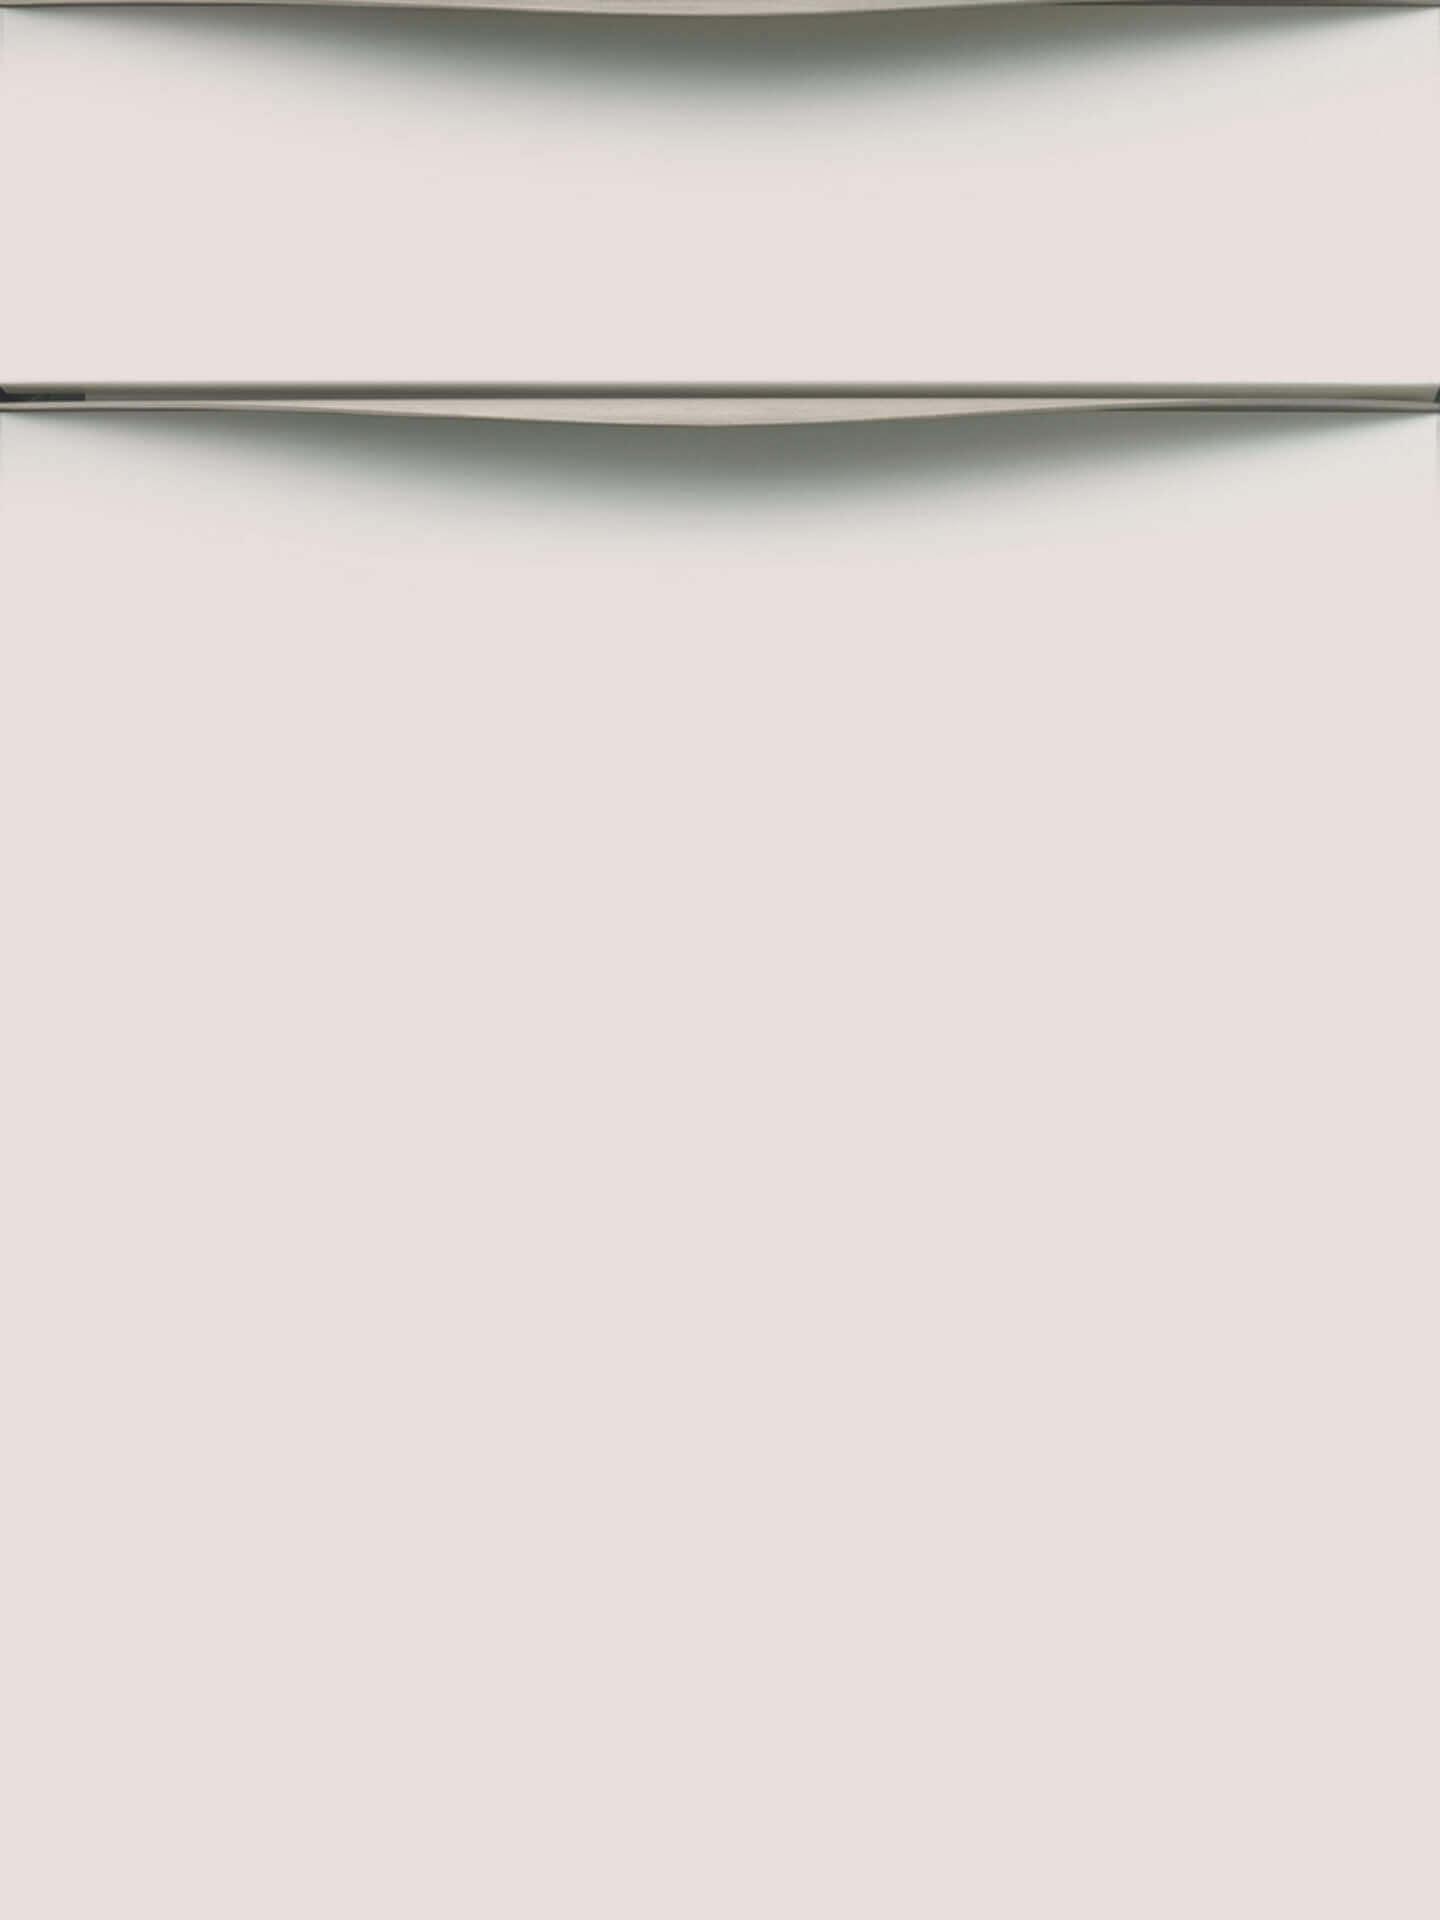 Full Size of Möbelgriffe Küche Griffe Ffnungssysteme Fr Ihre Kche Ratiomat Nischenrückwand Sitzbank Mit Lehne Modul Industrielook Kinder Spielküche Barhocker Teppich Küche Möbelgriffe Küche